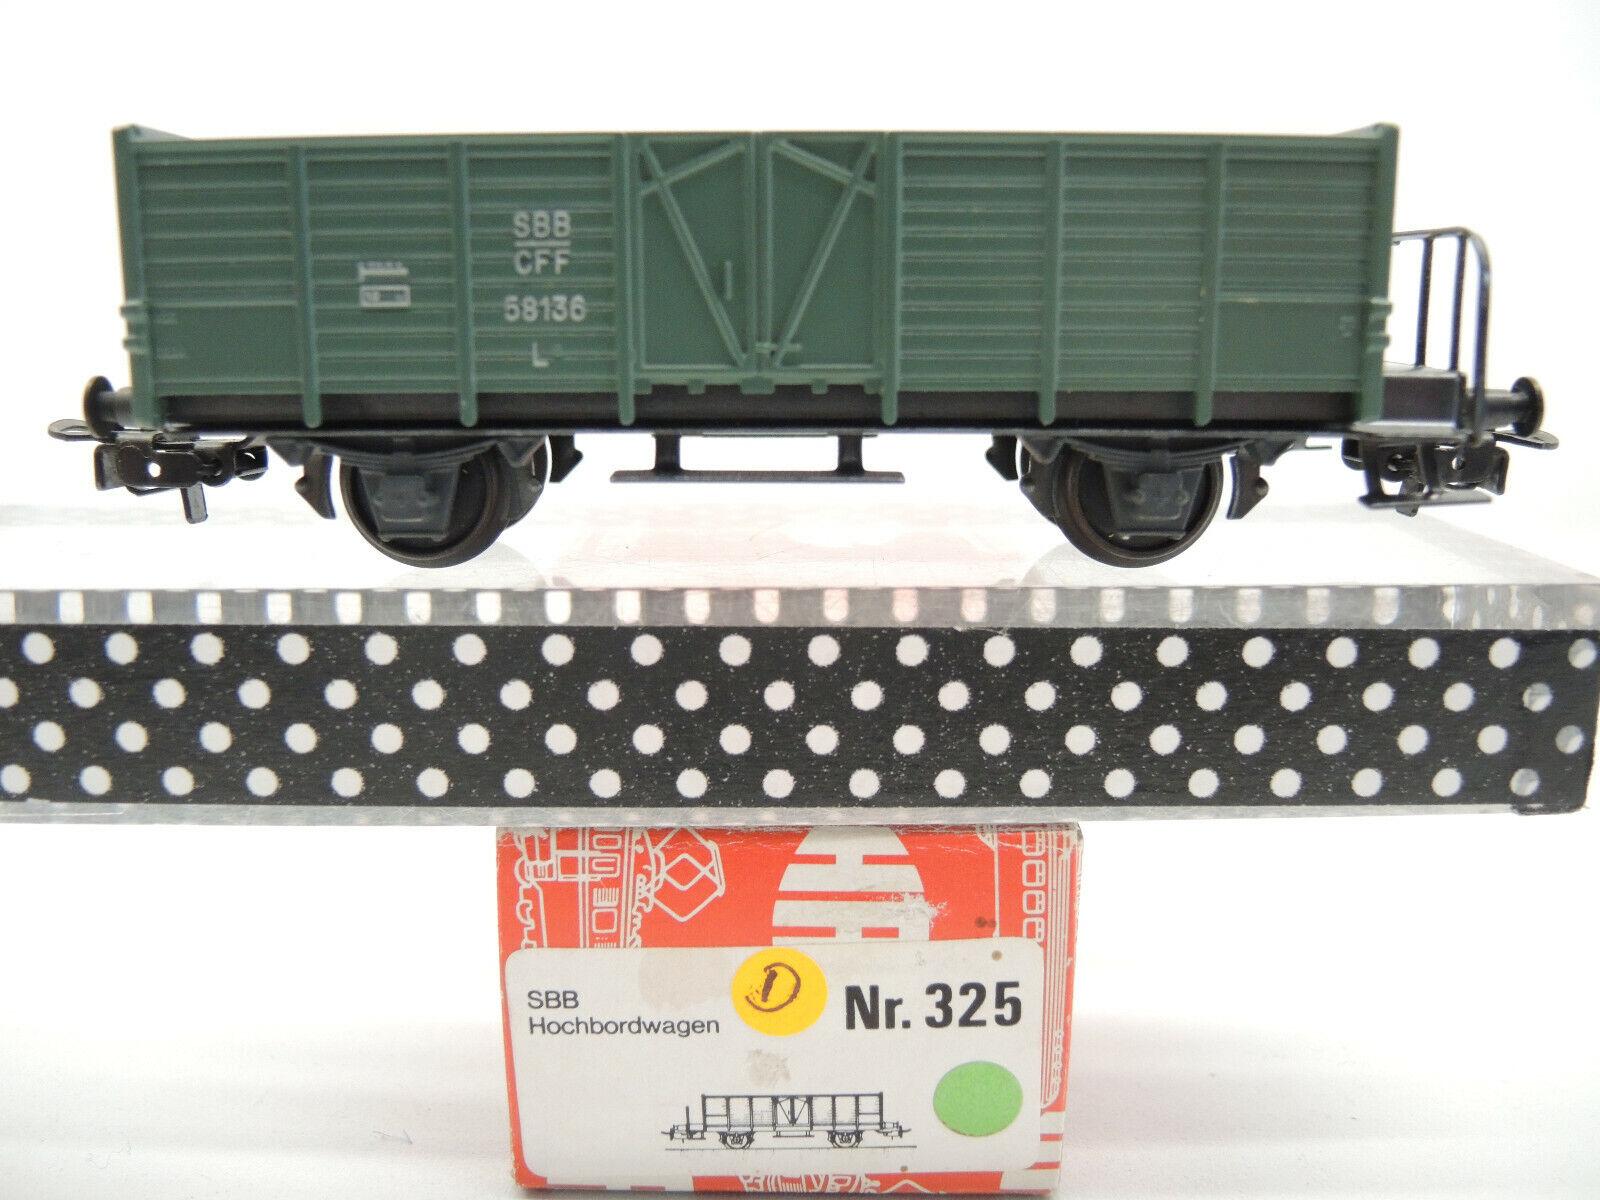 Hag 325 elevado a bordo del Cochero, SBB verde, Top, embalaje original (D)